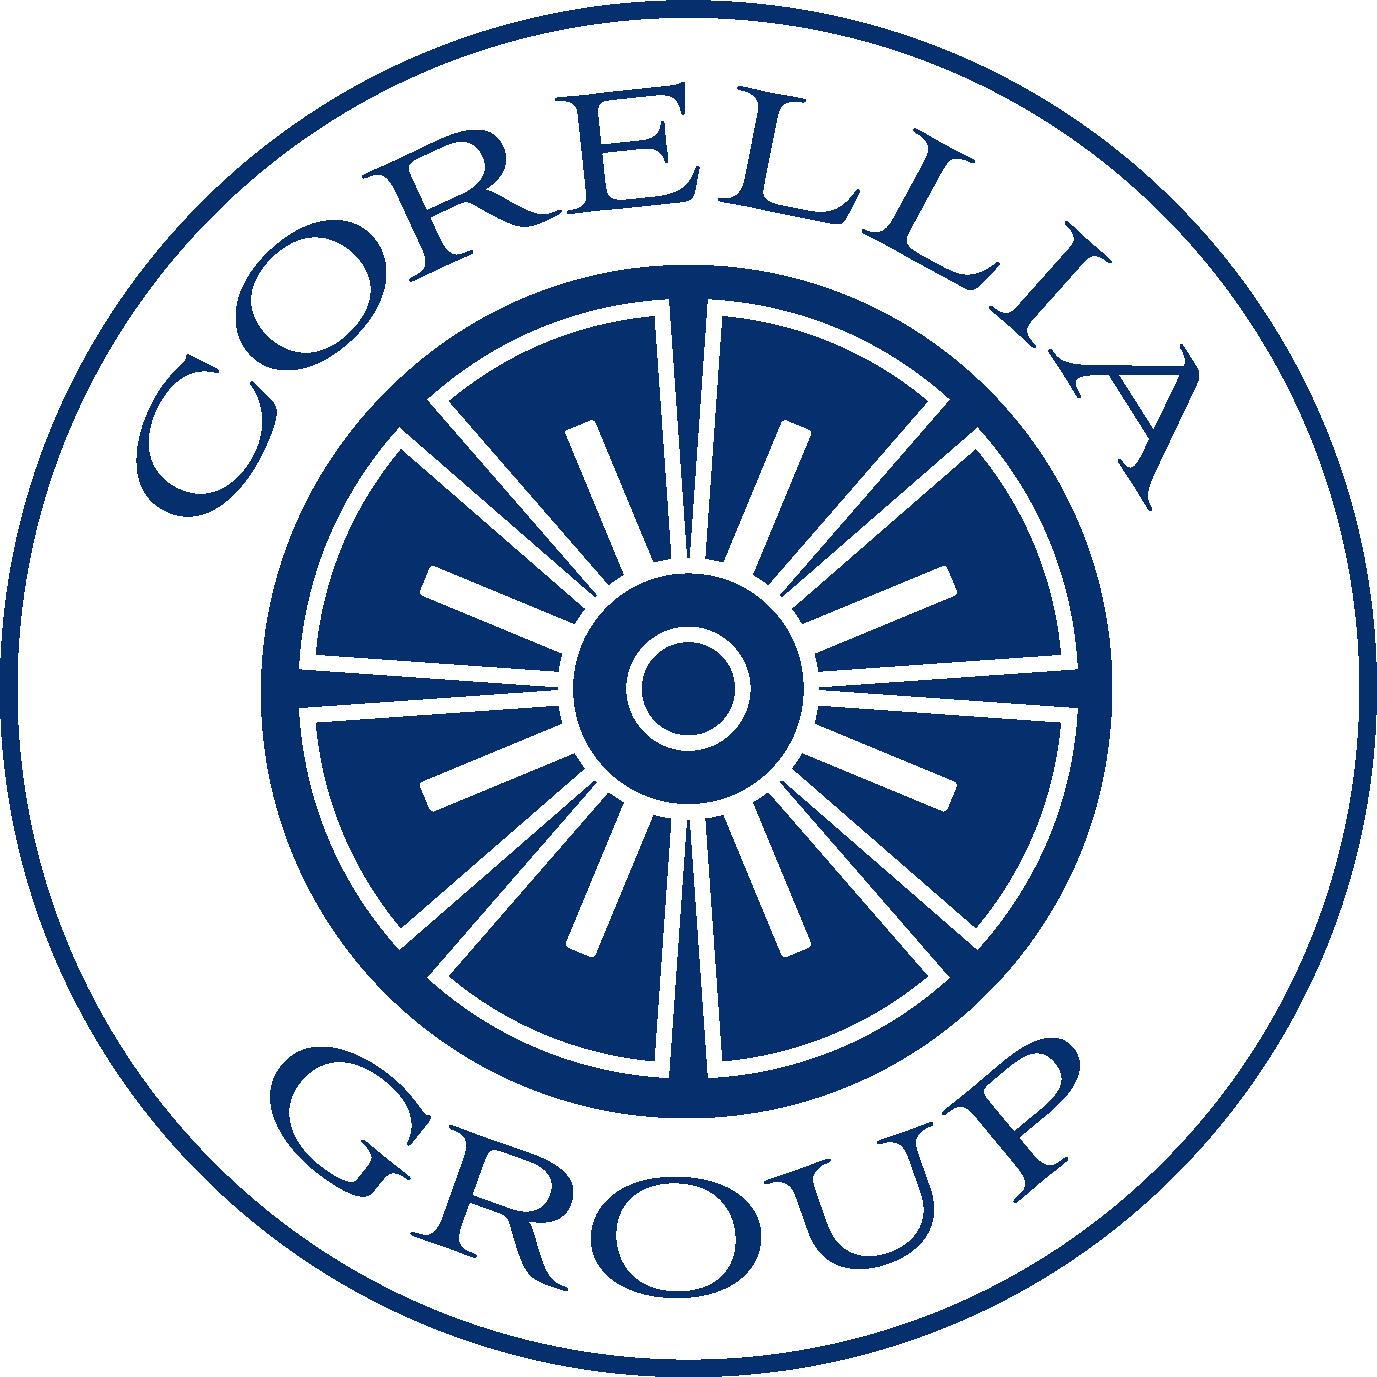 Corellia